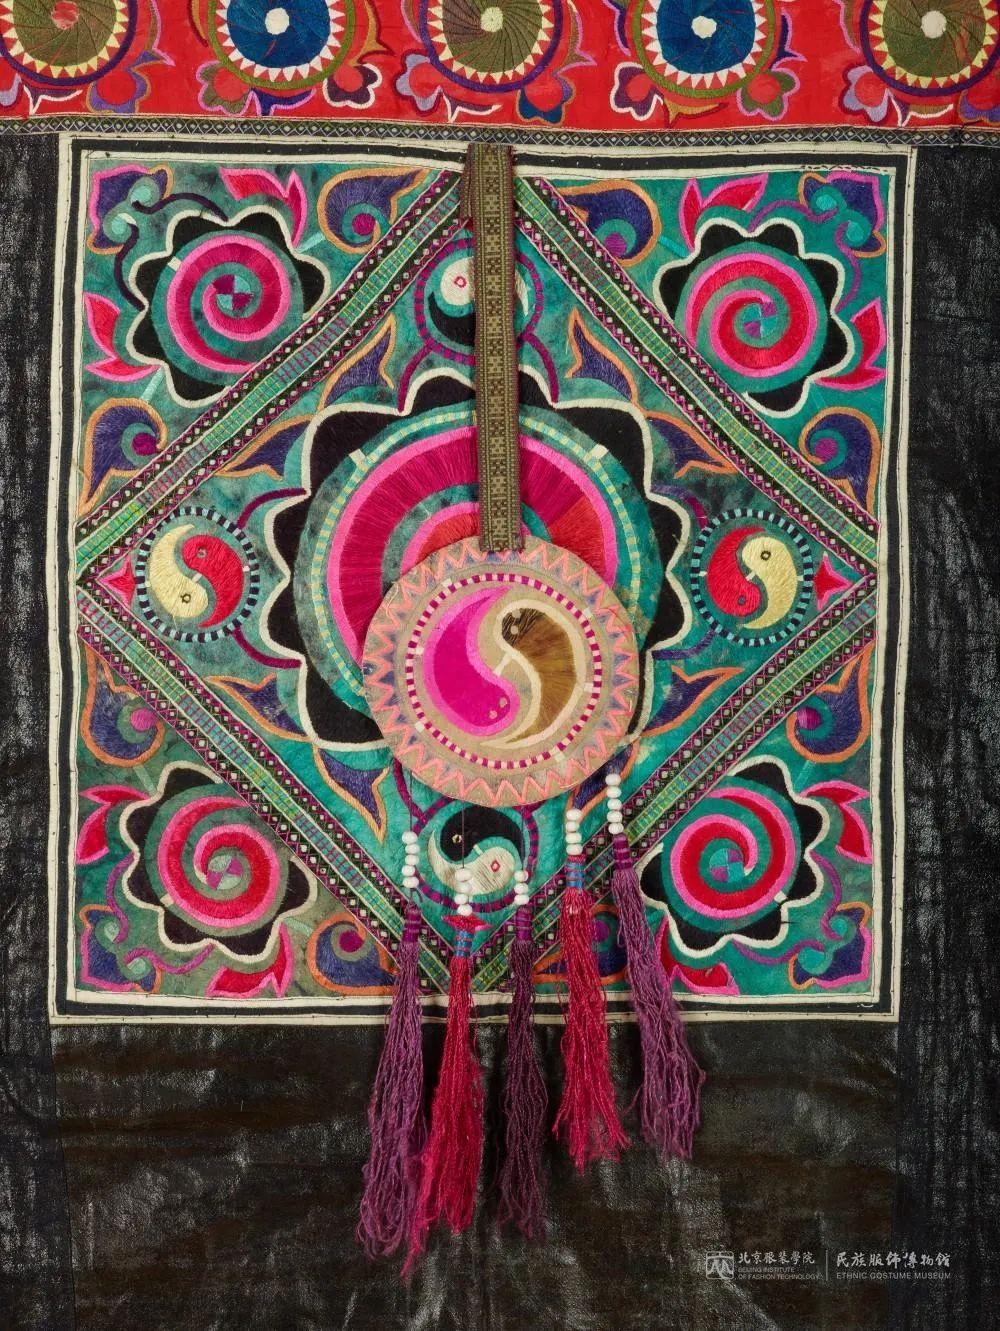 苗族花纹图案图片_传统文化_文化艺术-图行天下素材网